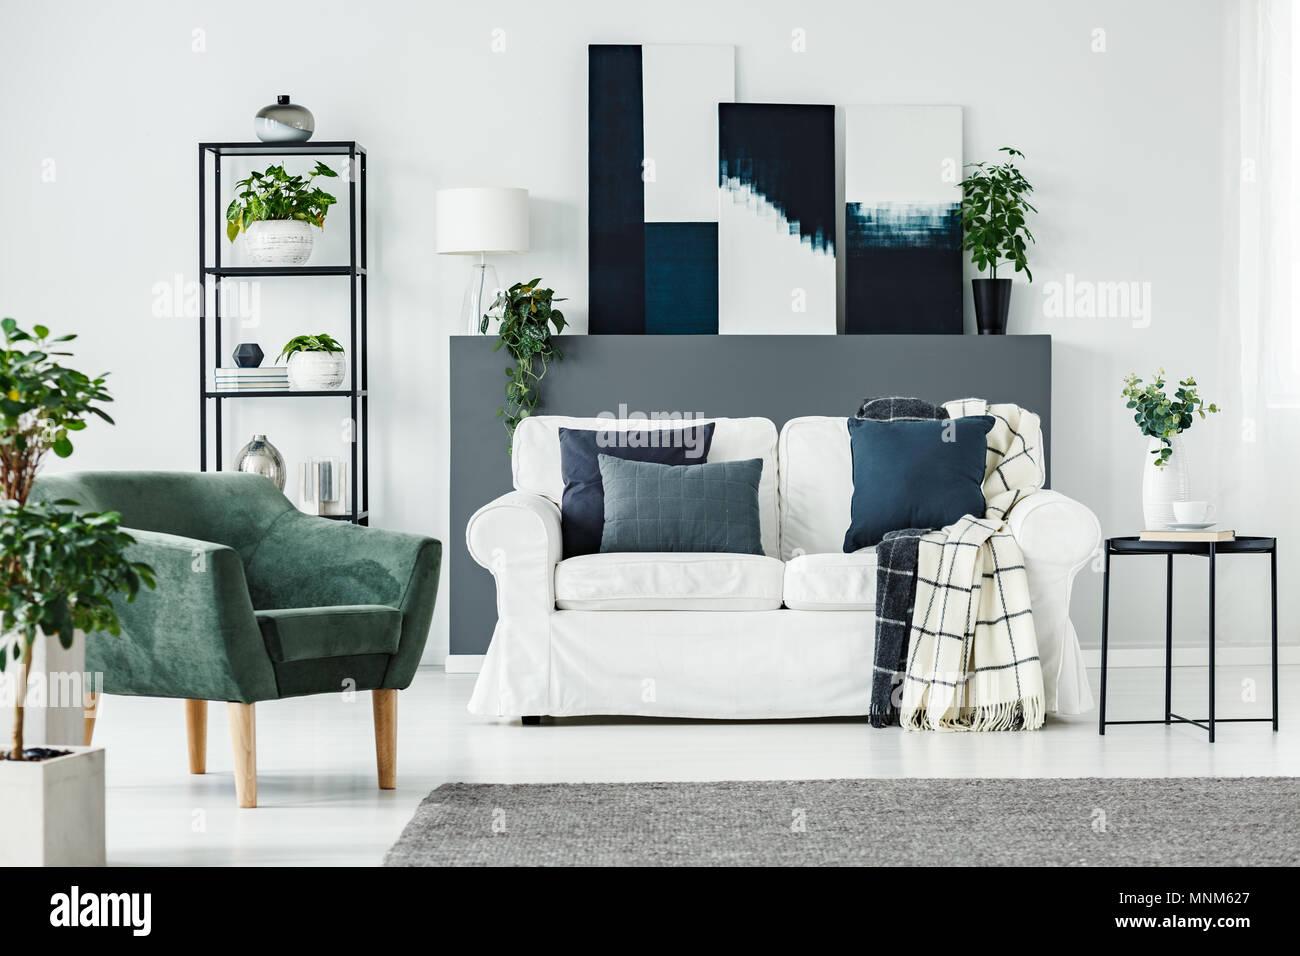 Verde poltrona divano bianco piante e muro grigio in un moderno